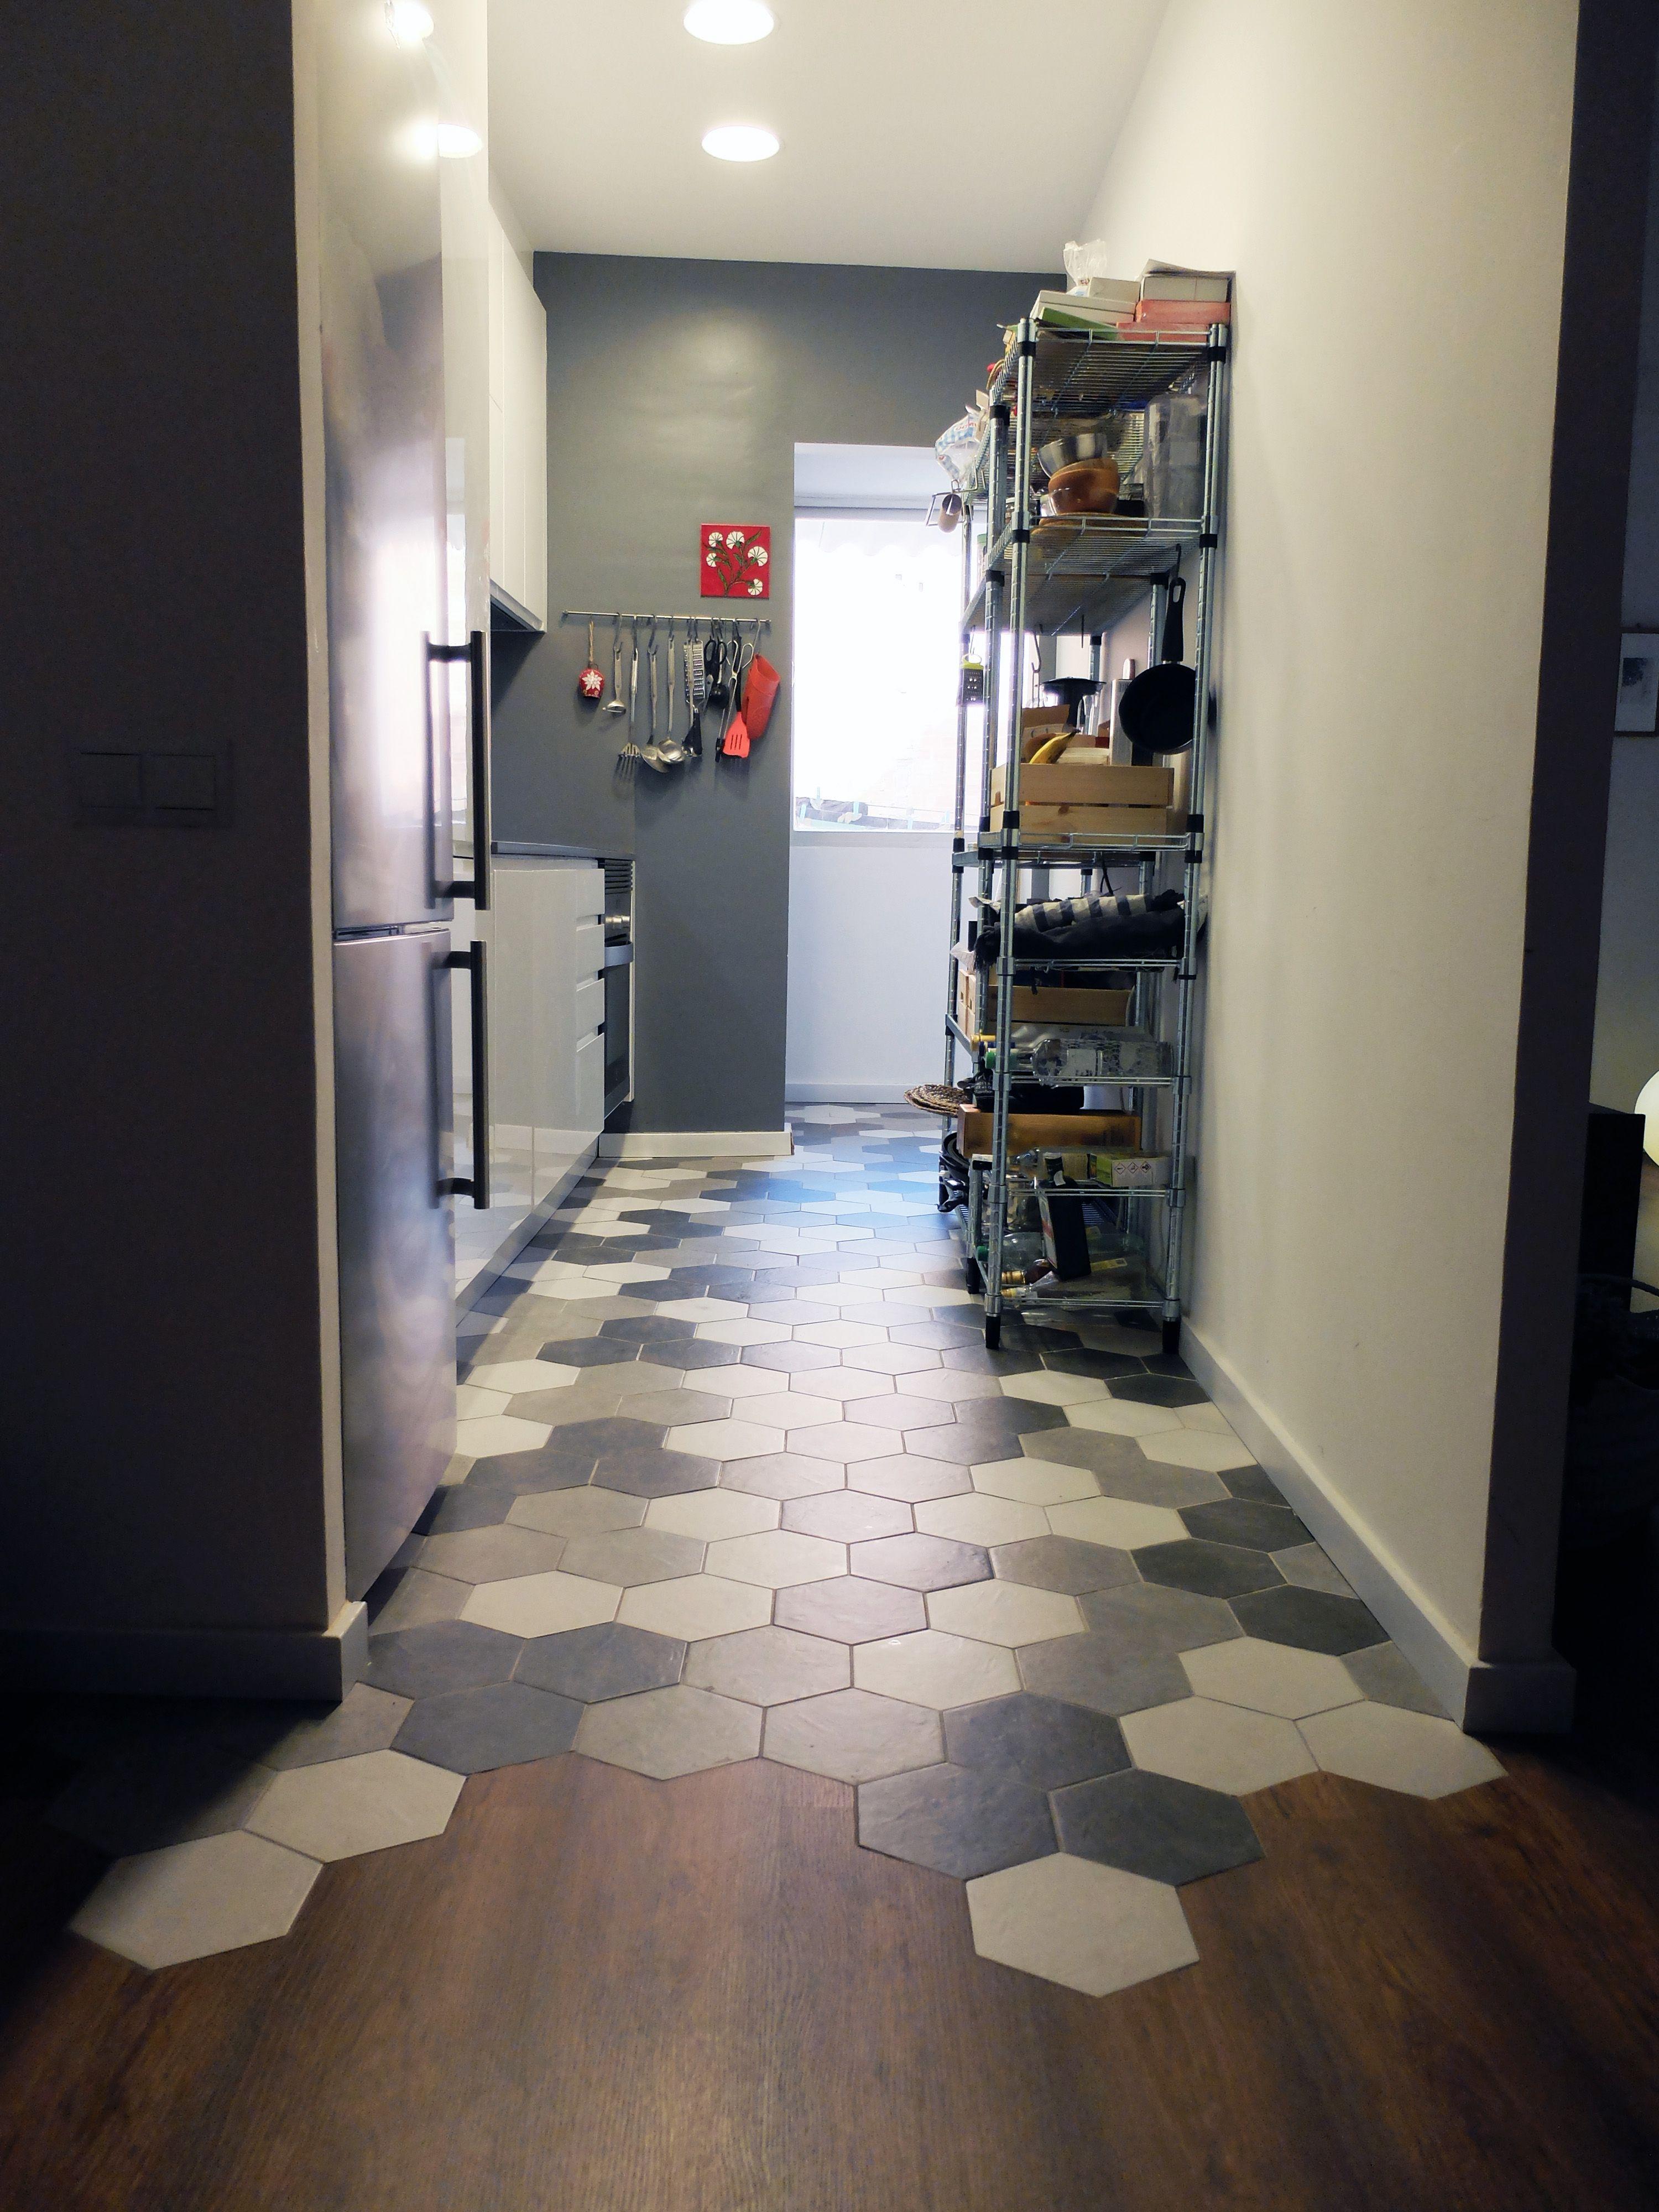 Reforma de cocina con pavimento de baldosa hexagonal - Accesible reformas ...